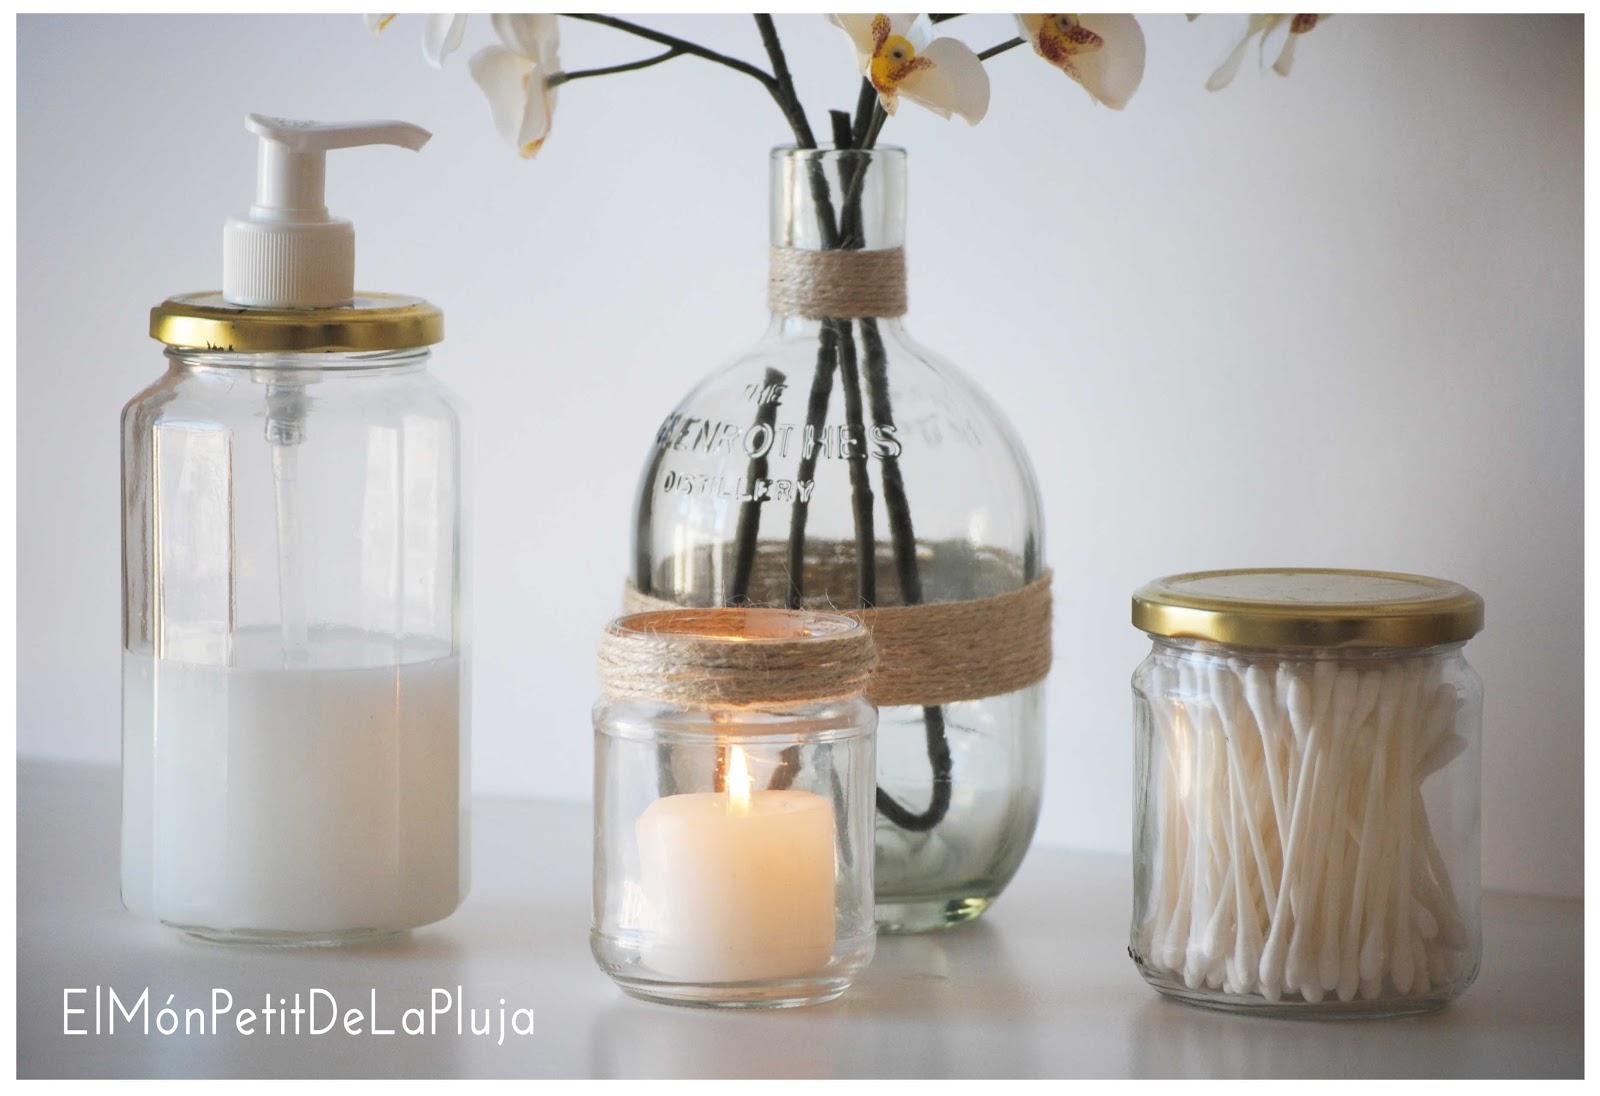 Baño Ideas Decoracion:manualidad de tarros de cristal reciclados convertidos en set de baño